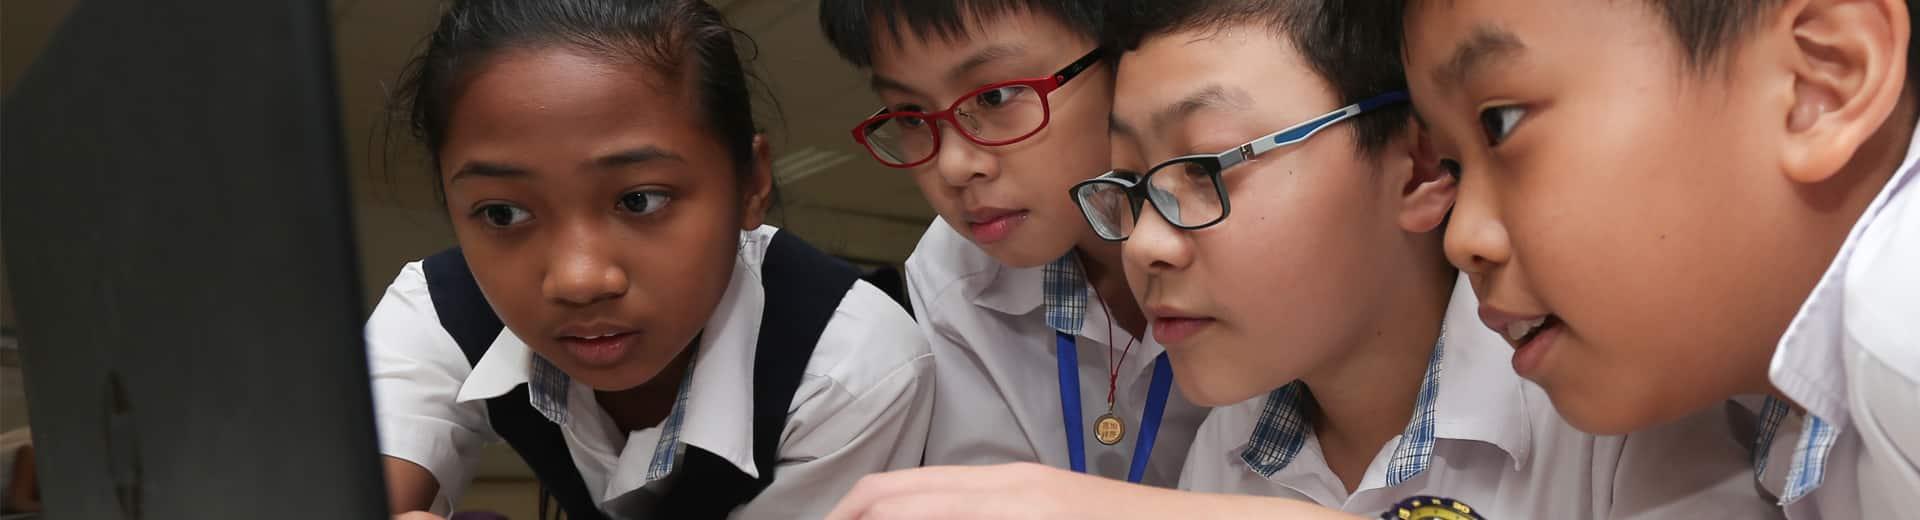 Teck Whye Primary School